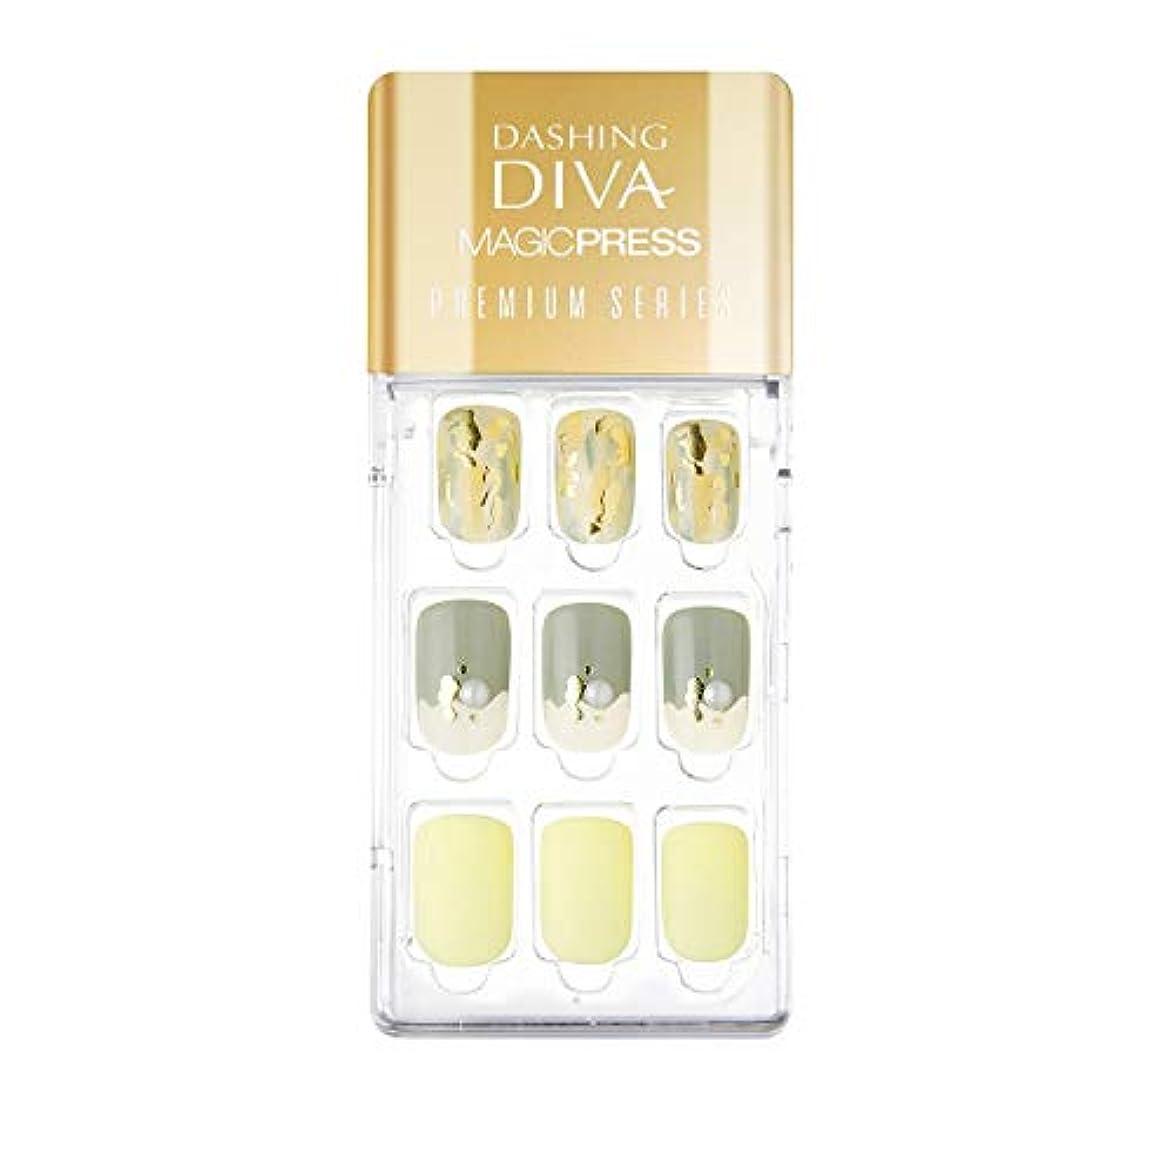 ゆるいわずかに腹ダッシングディバ マジックプレス DASHING DIVA MagicPress MDR_327PR-DURY+ オリジナルジェル ネイルチップ Fresh Mint